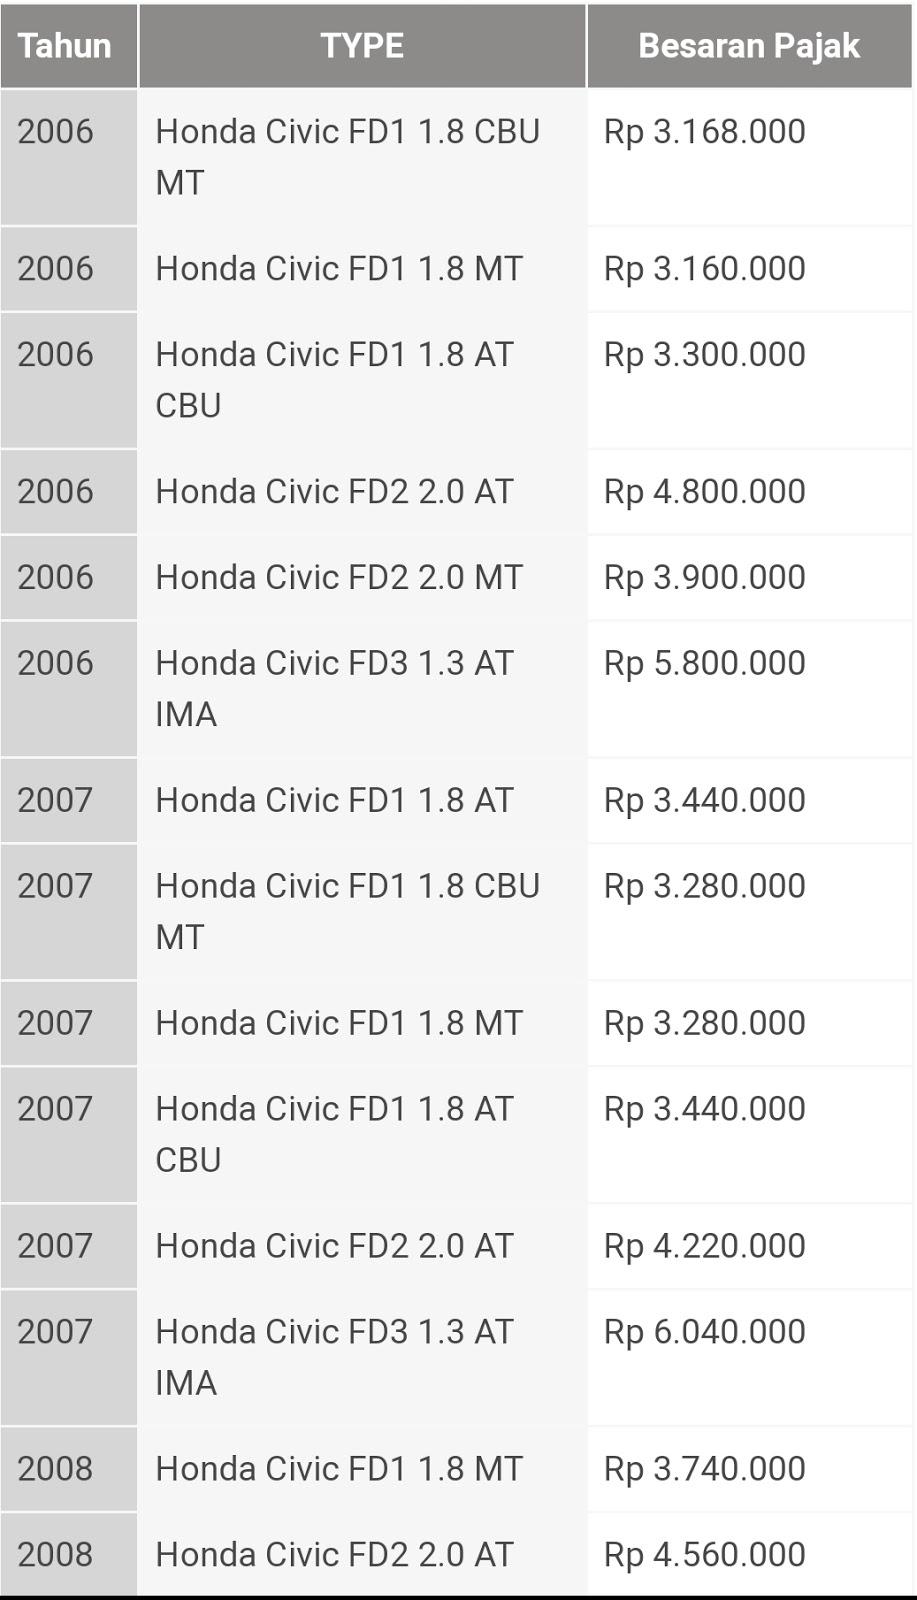 Daftar Biaya Pajak Mobil Terbaru Biaya Pajak Honda Civic 2019 Otomotif Cadernos